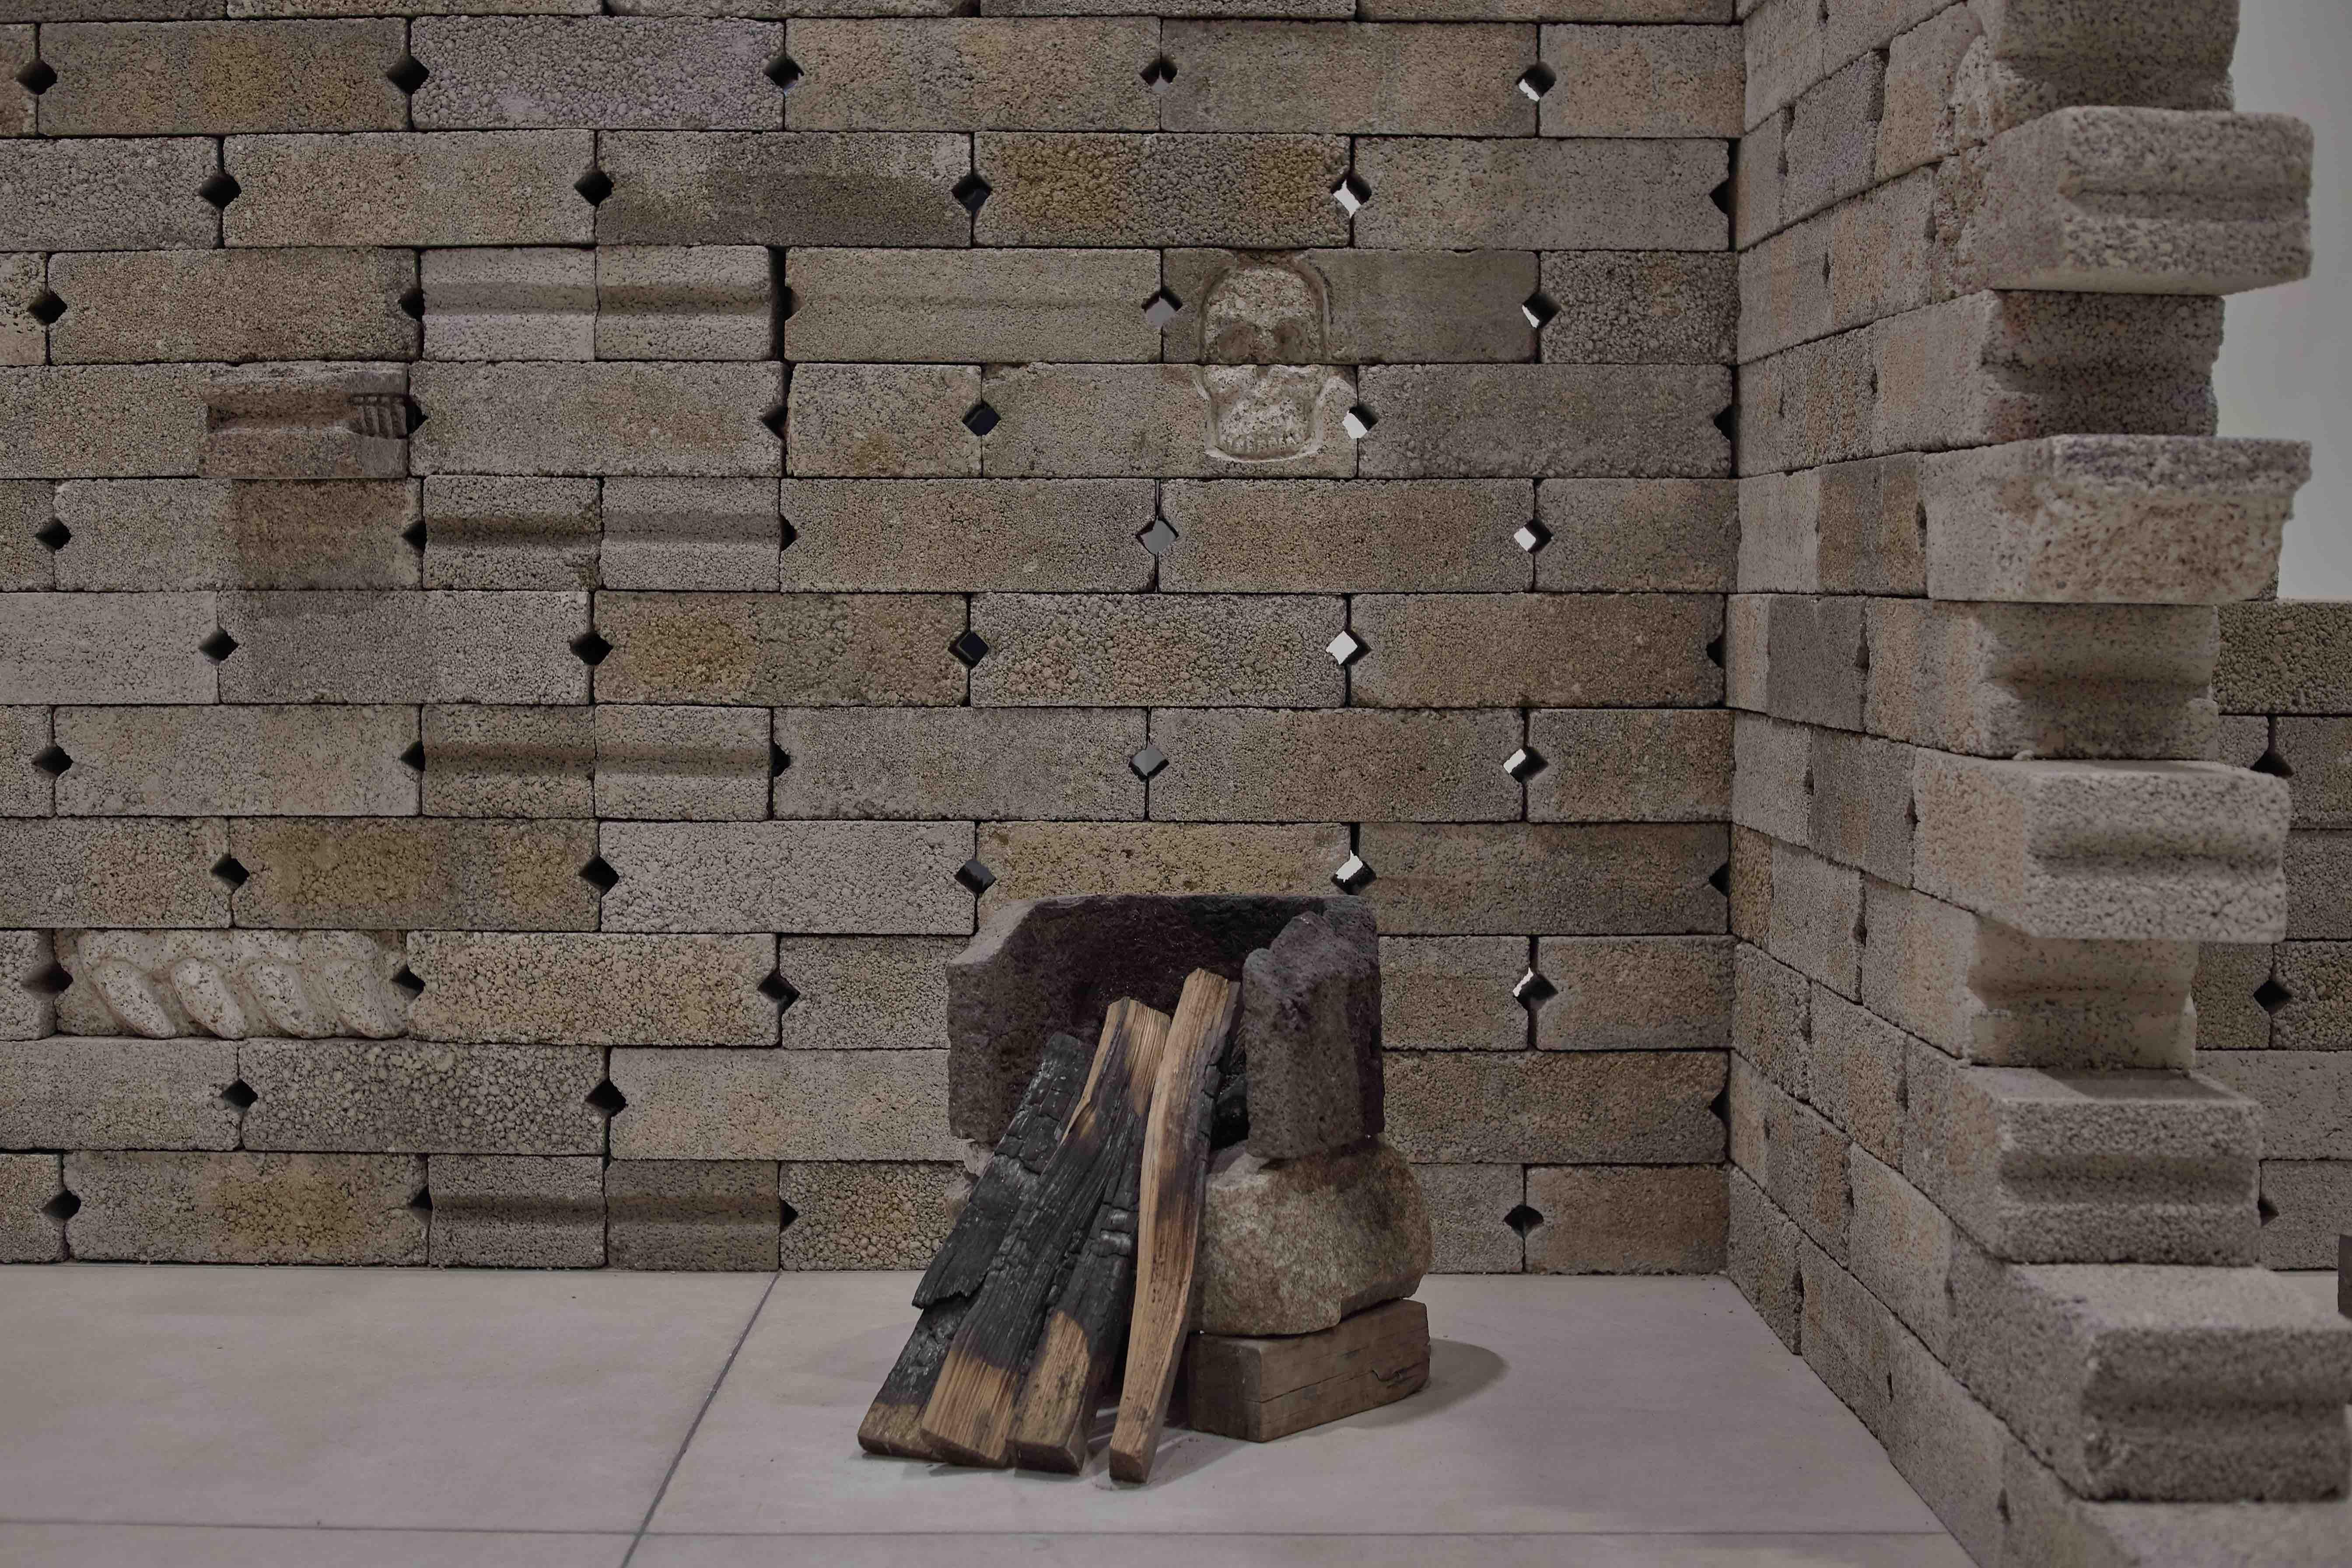 Diego Pérez, Muro sin nombre, 2020. Cortesía de Galería RGR